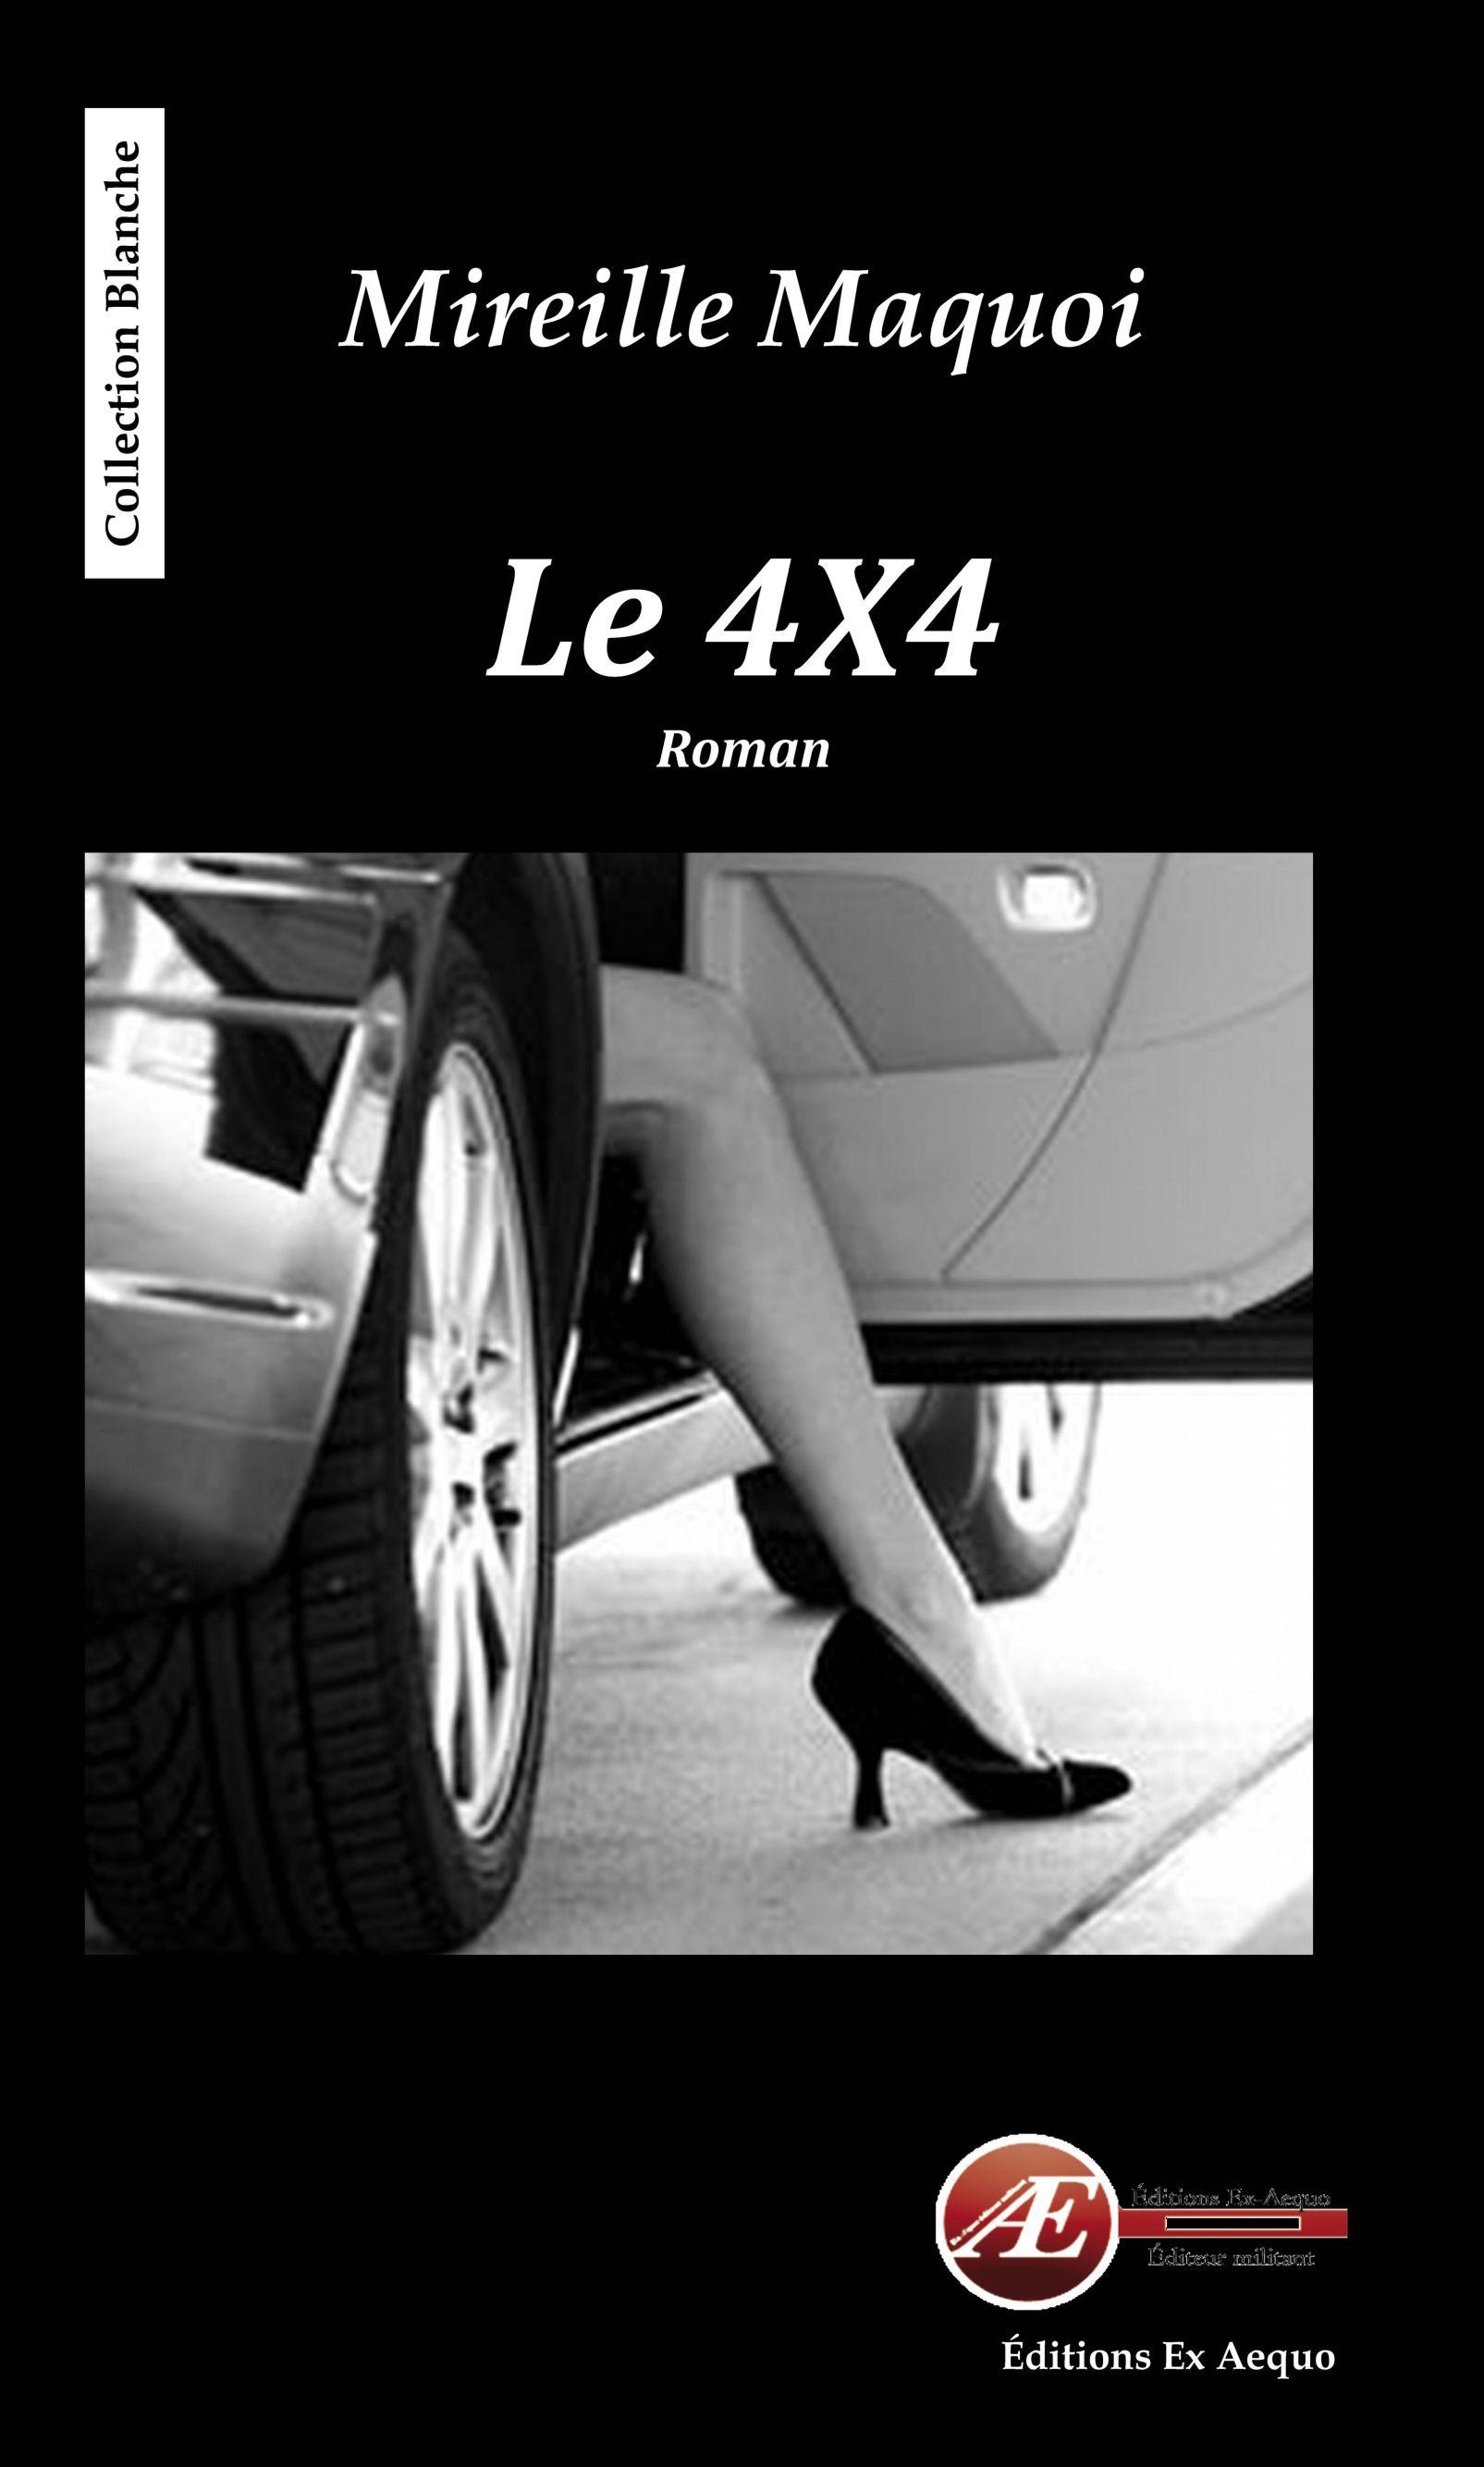 Le 4x4